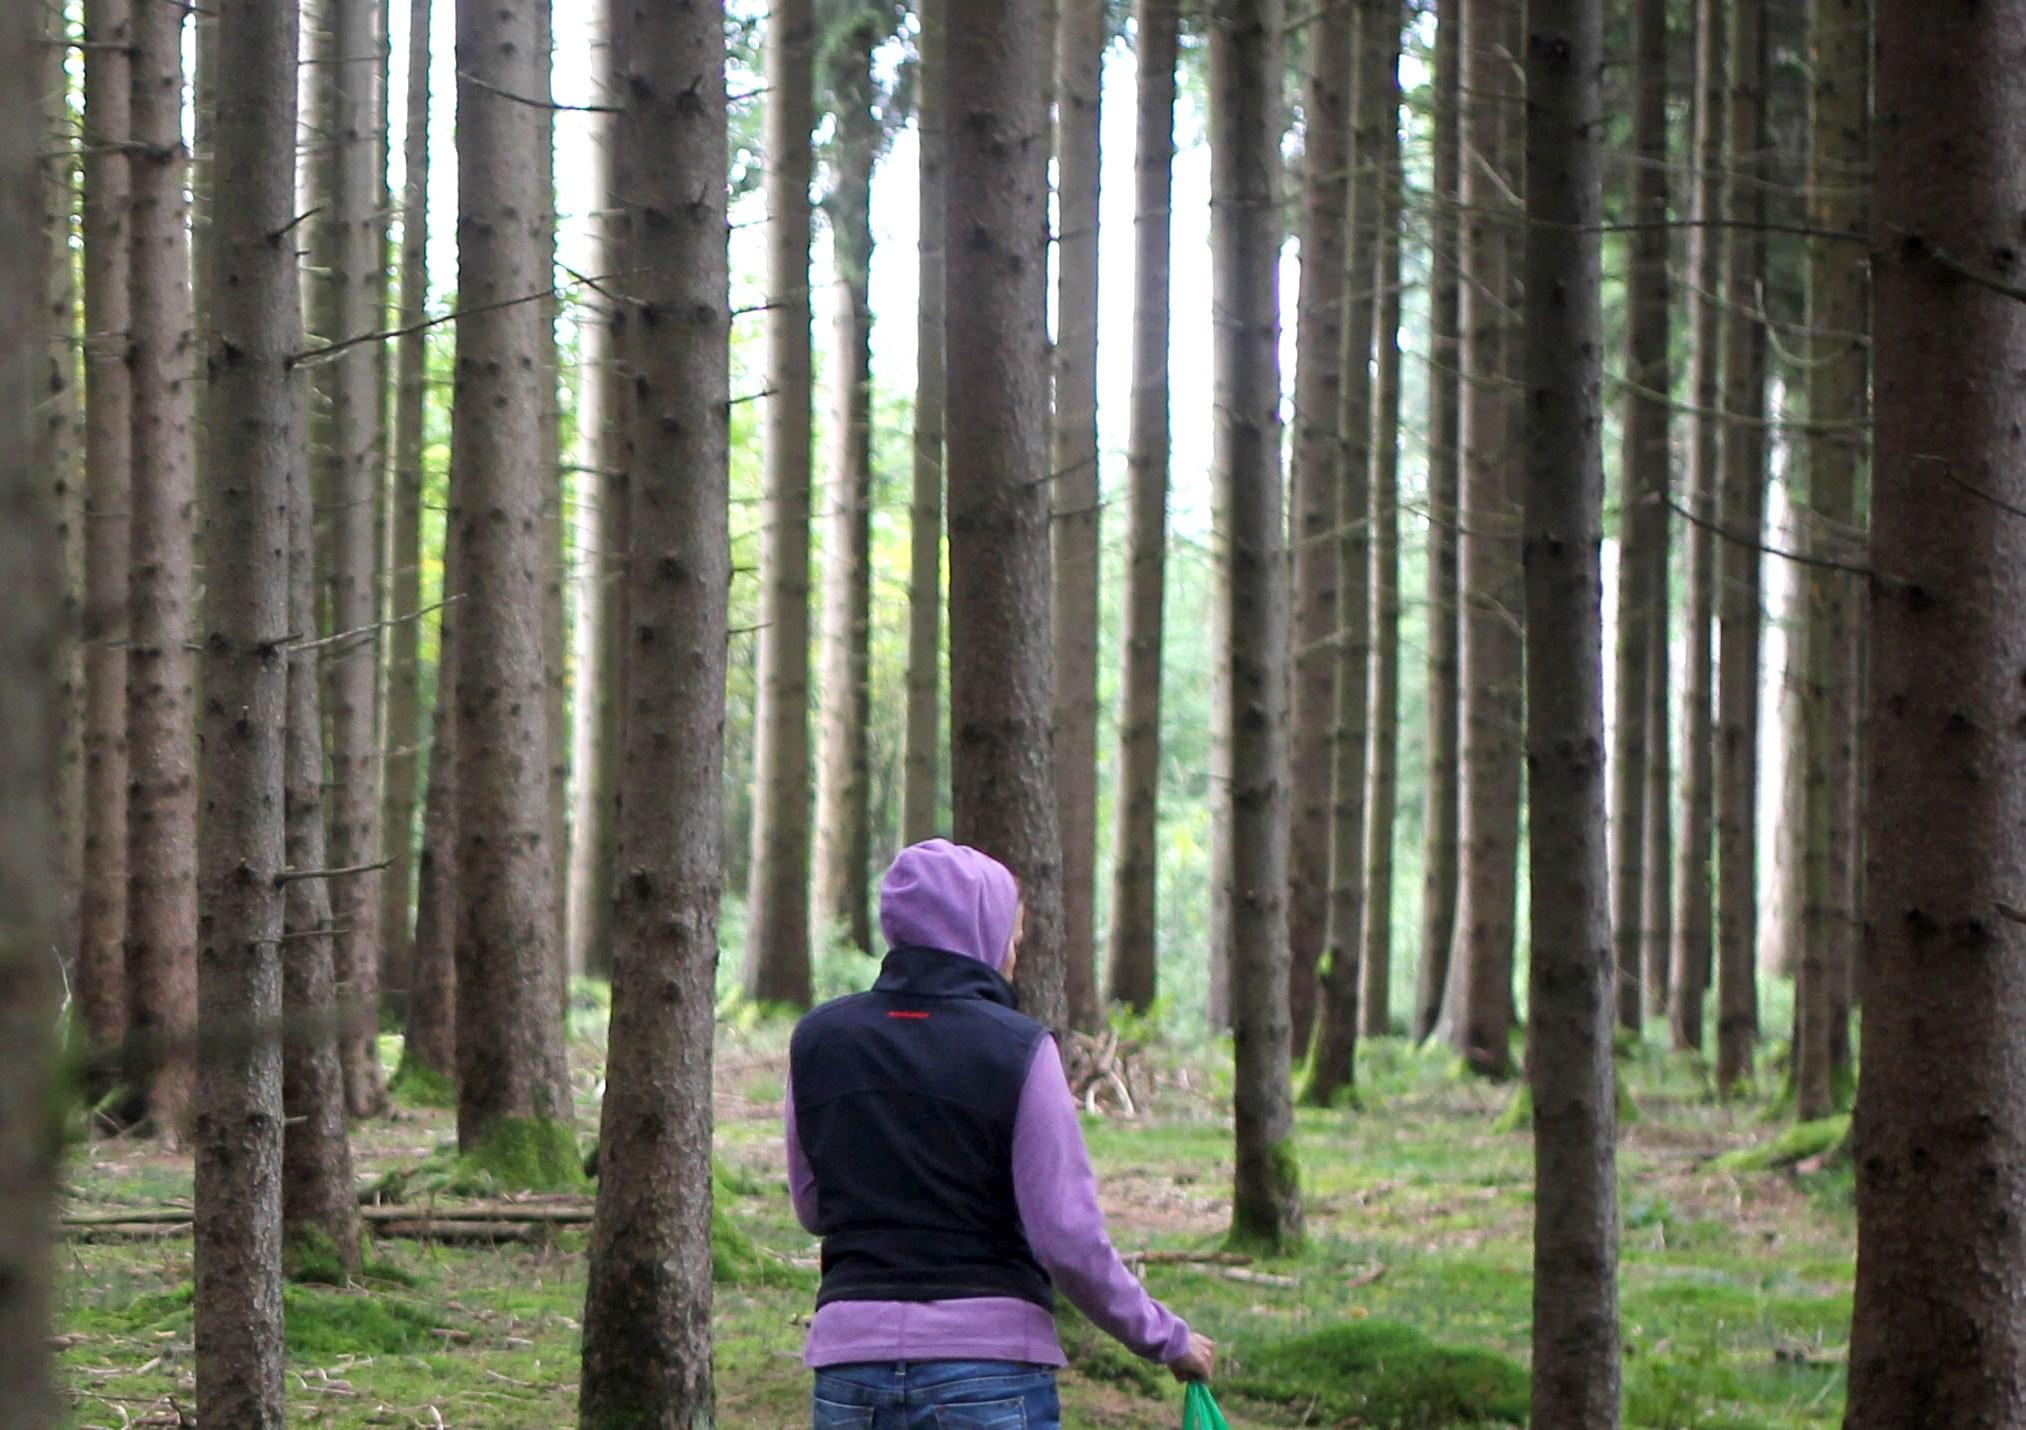 L'incredibile storia di Claire che ha abbandonato la città per vivere nella foresta